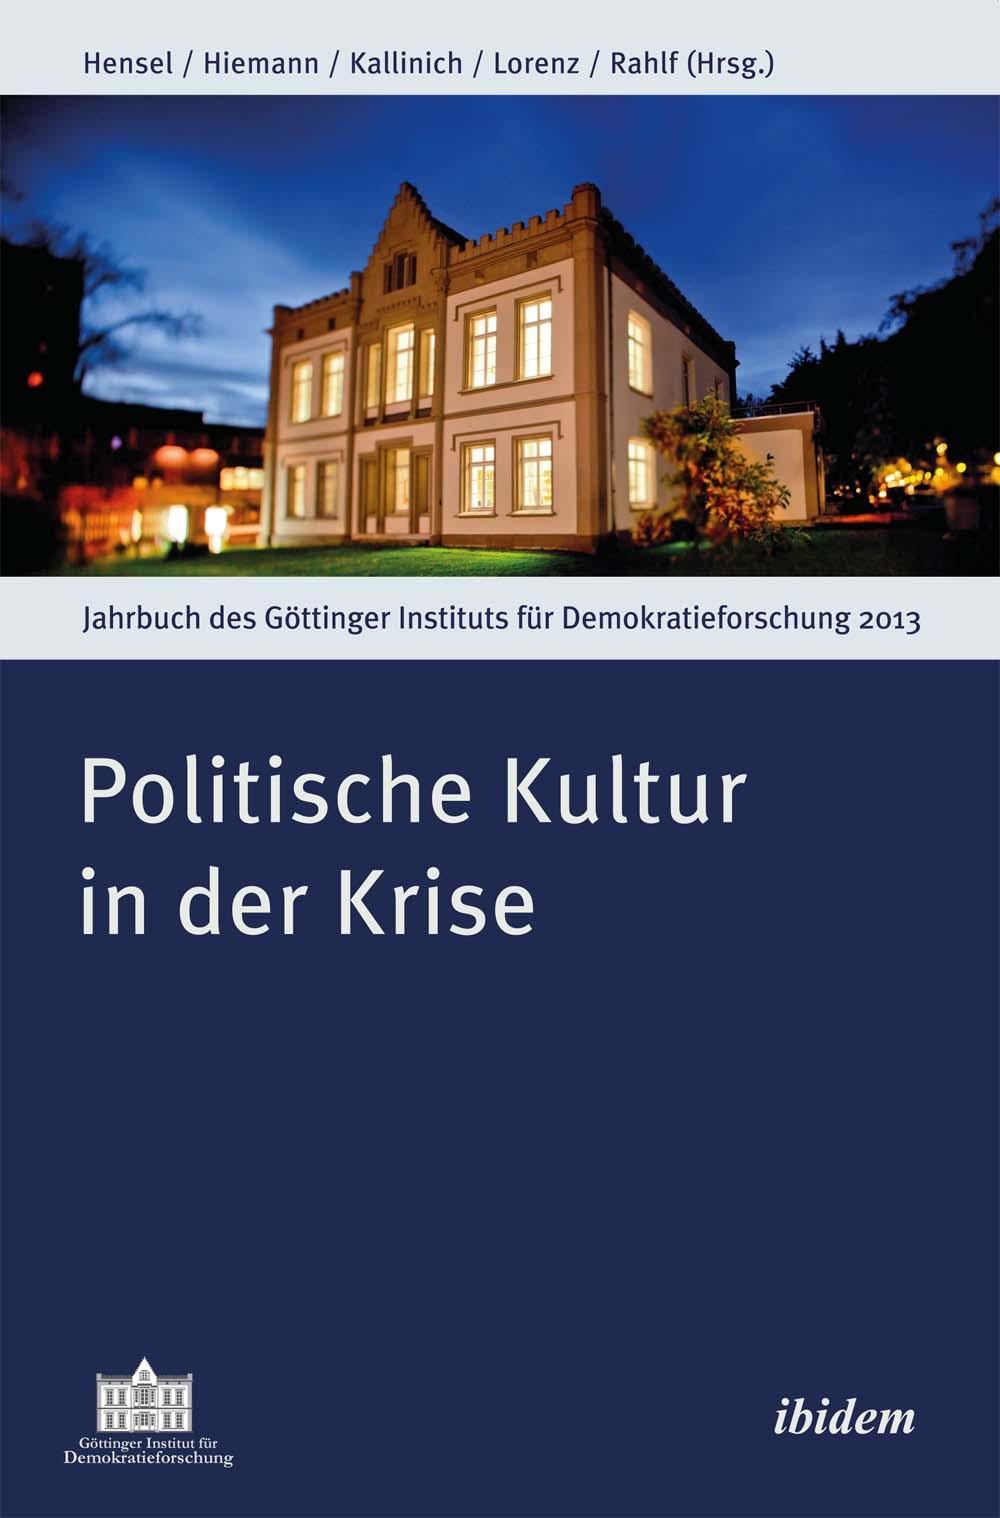 Politische Kultur in der Krise